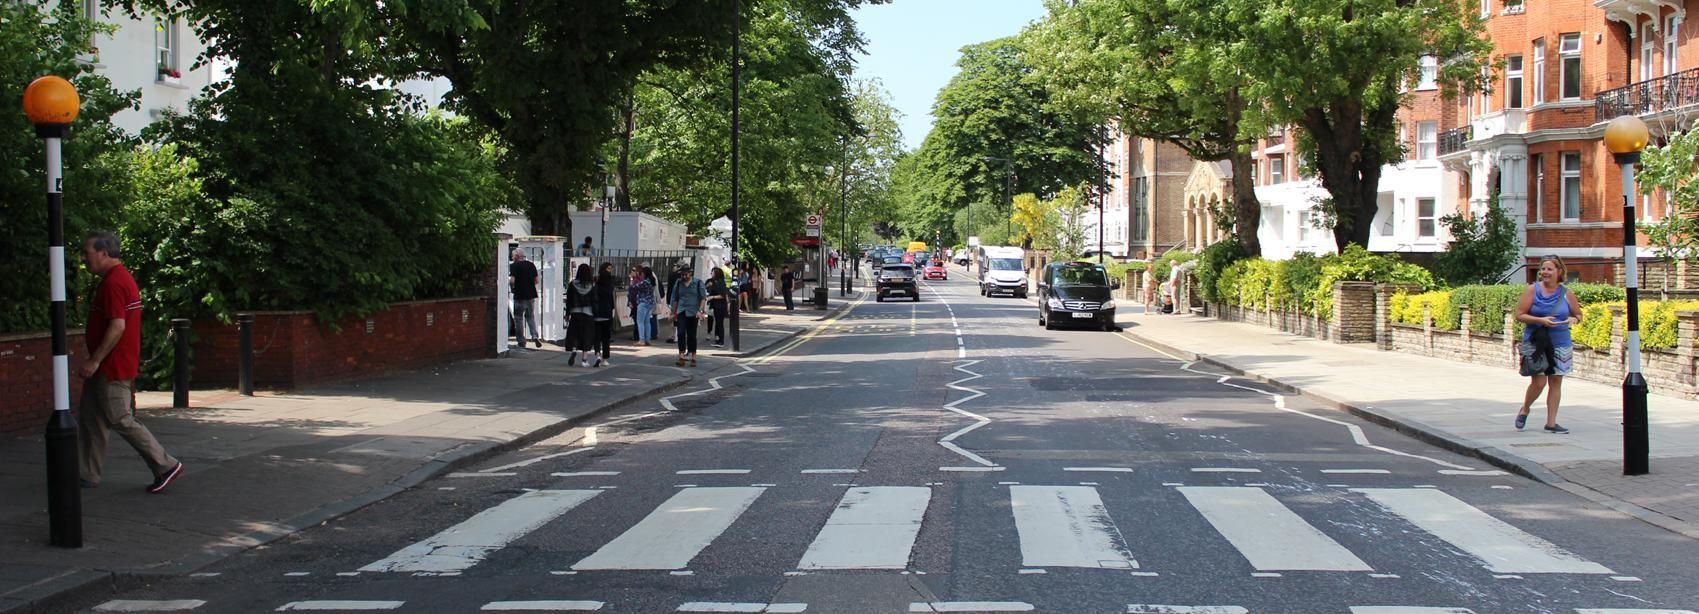 Tour de Londres des Beatles en taxi noir